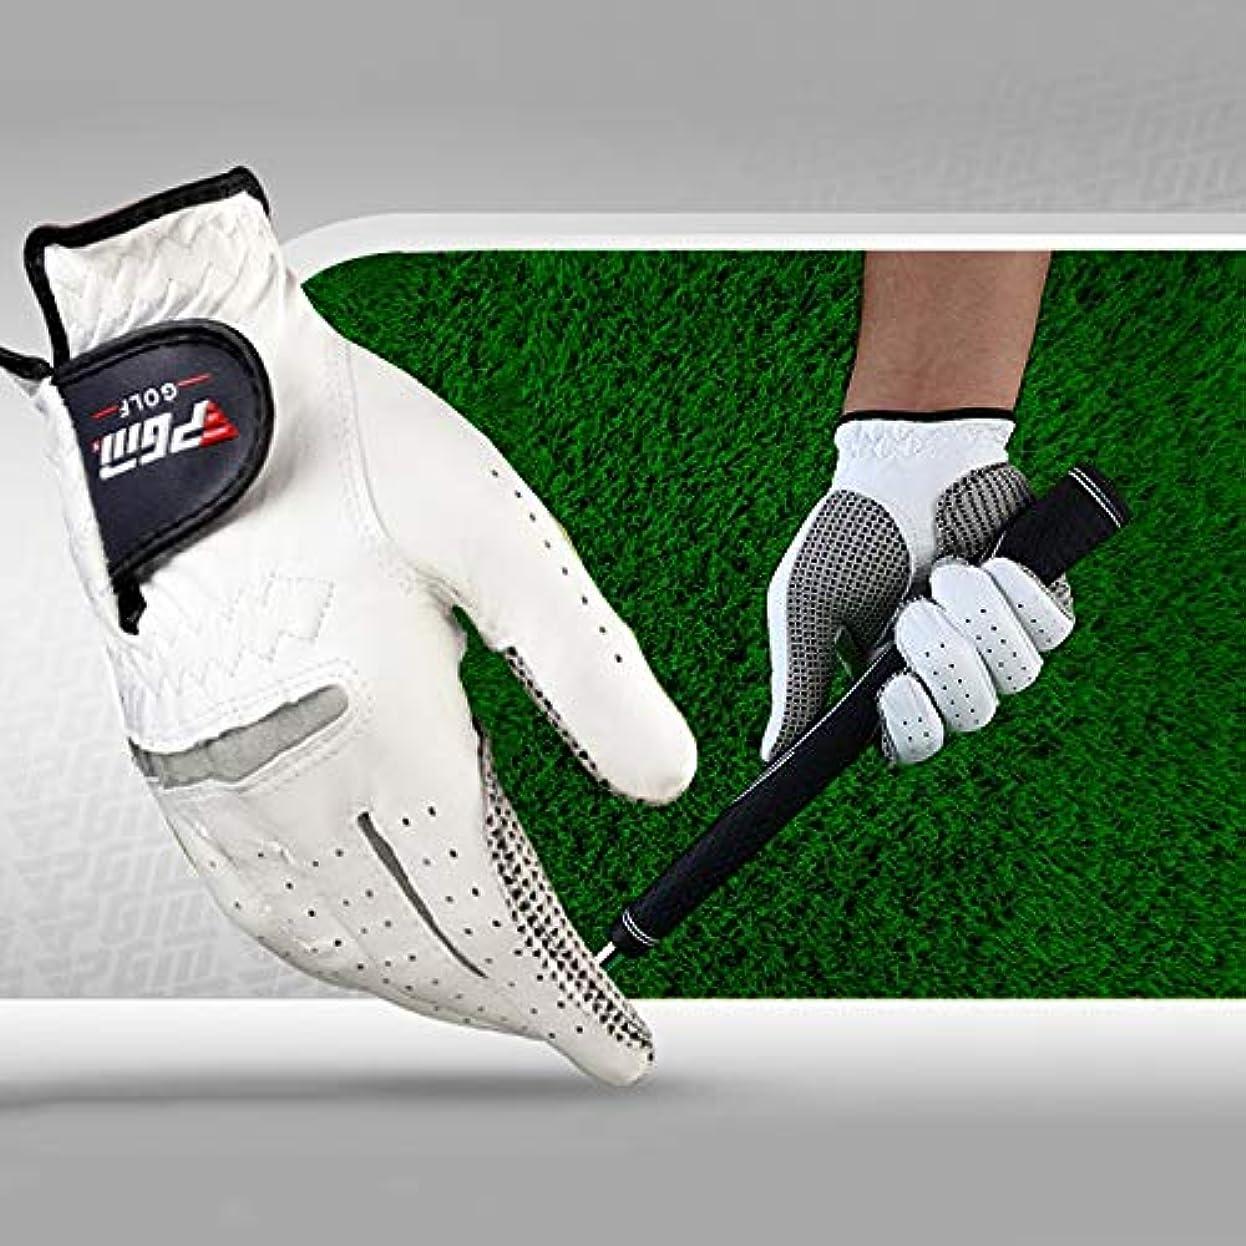 コミュニケーション通貨ストライドゴルフ用品 右手の羊皮滑り止めの粒子ゴルフメンズ手袋、サイズ:24#